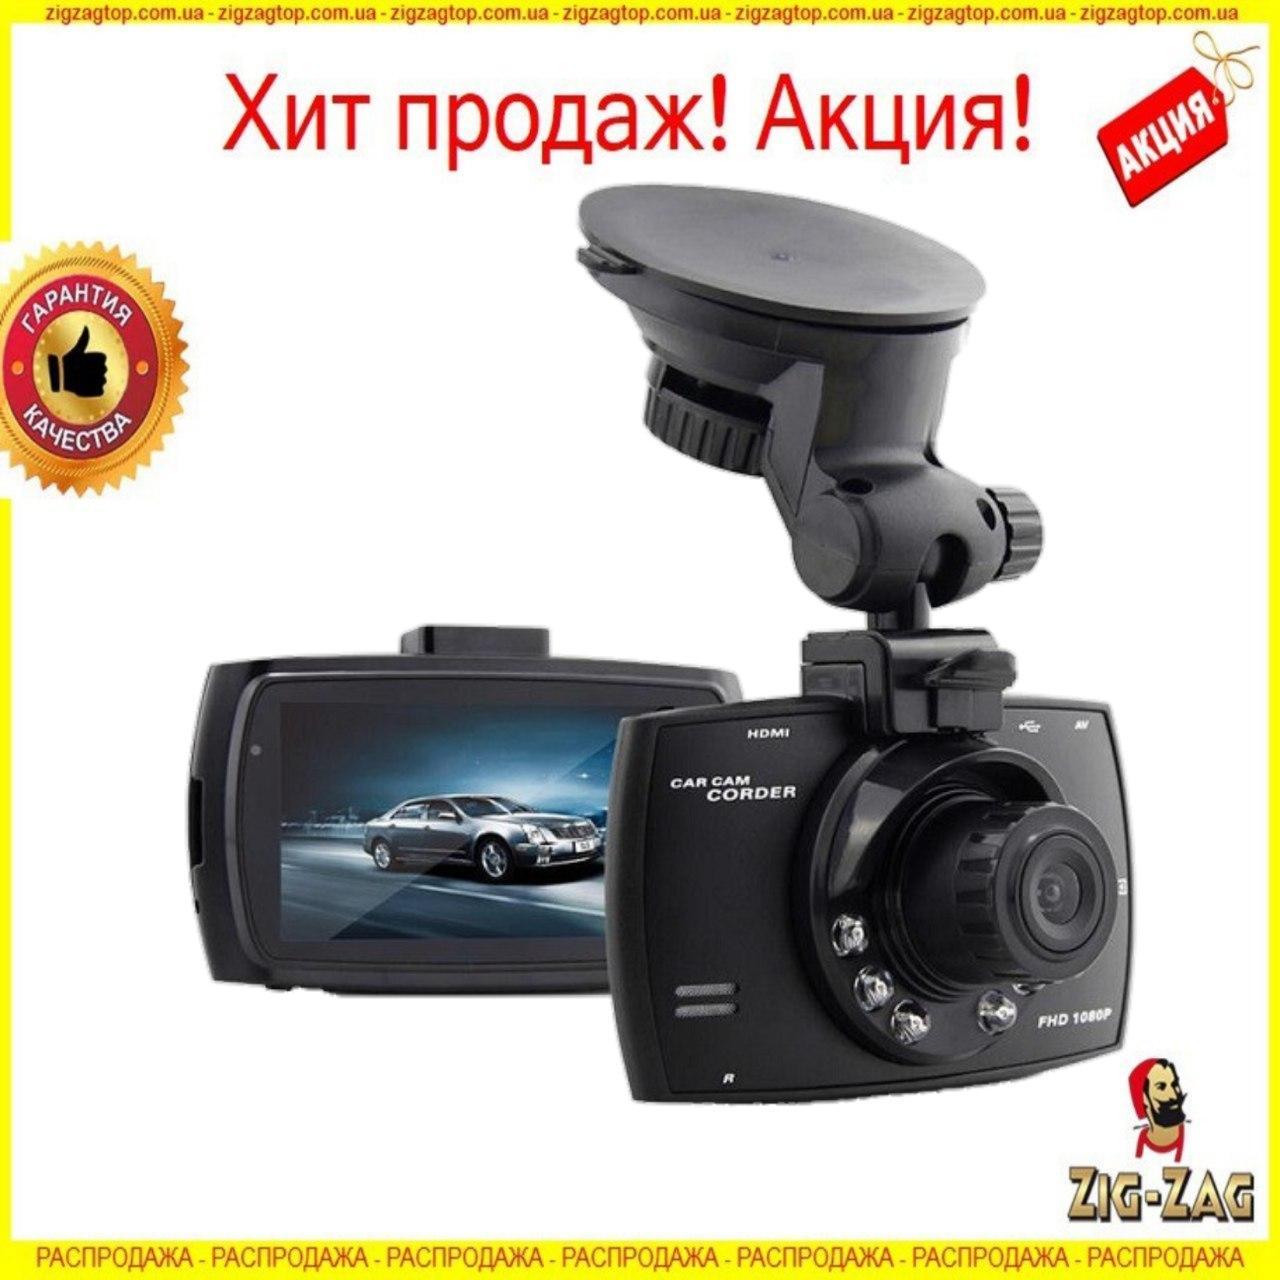 Видеорегистратор BlackBOX DVR G30 качество 1080 Авторегистратор Full HD в Авто Регистратор машину В Салон ТОП